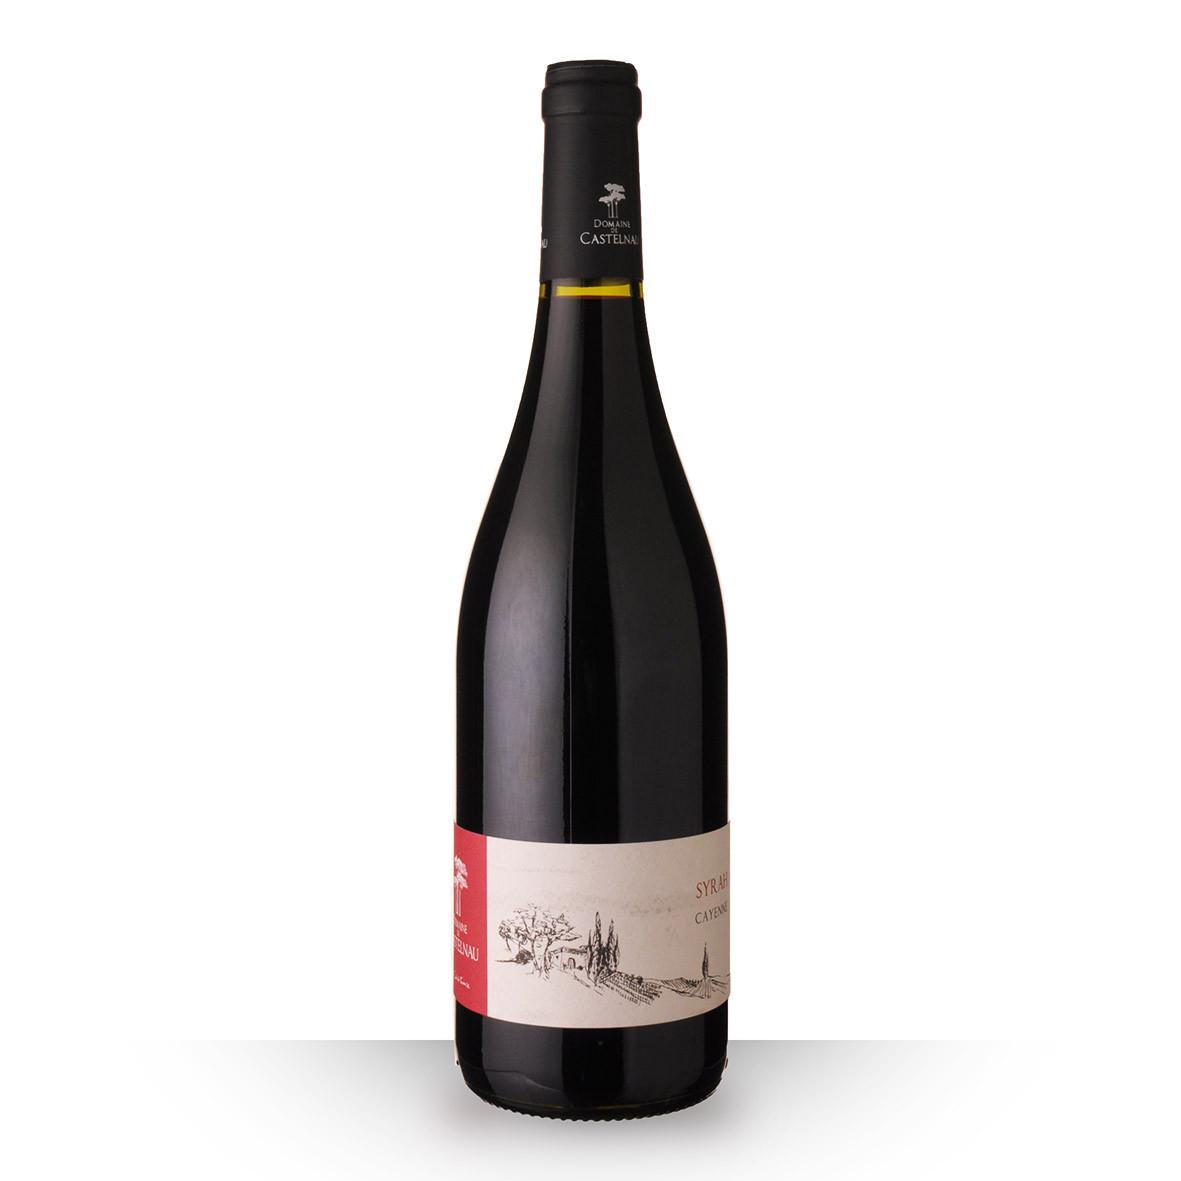 Domaine de Castelnau Syrah Cayenne Pays dOc Rouge 2019 75cl www.odyssee-vins.com